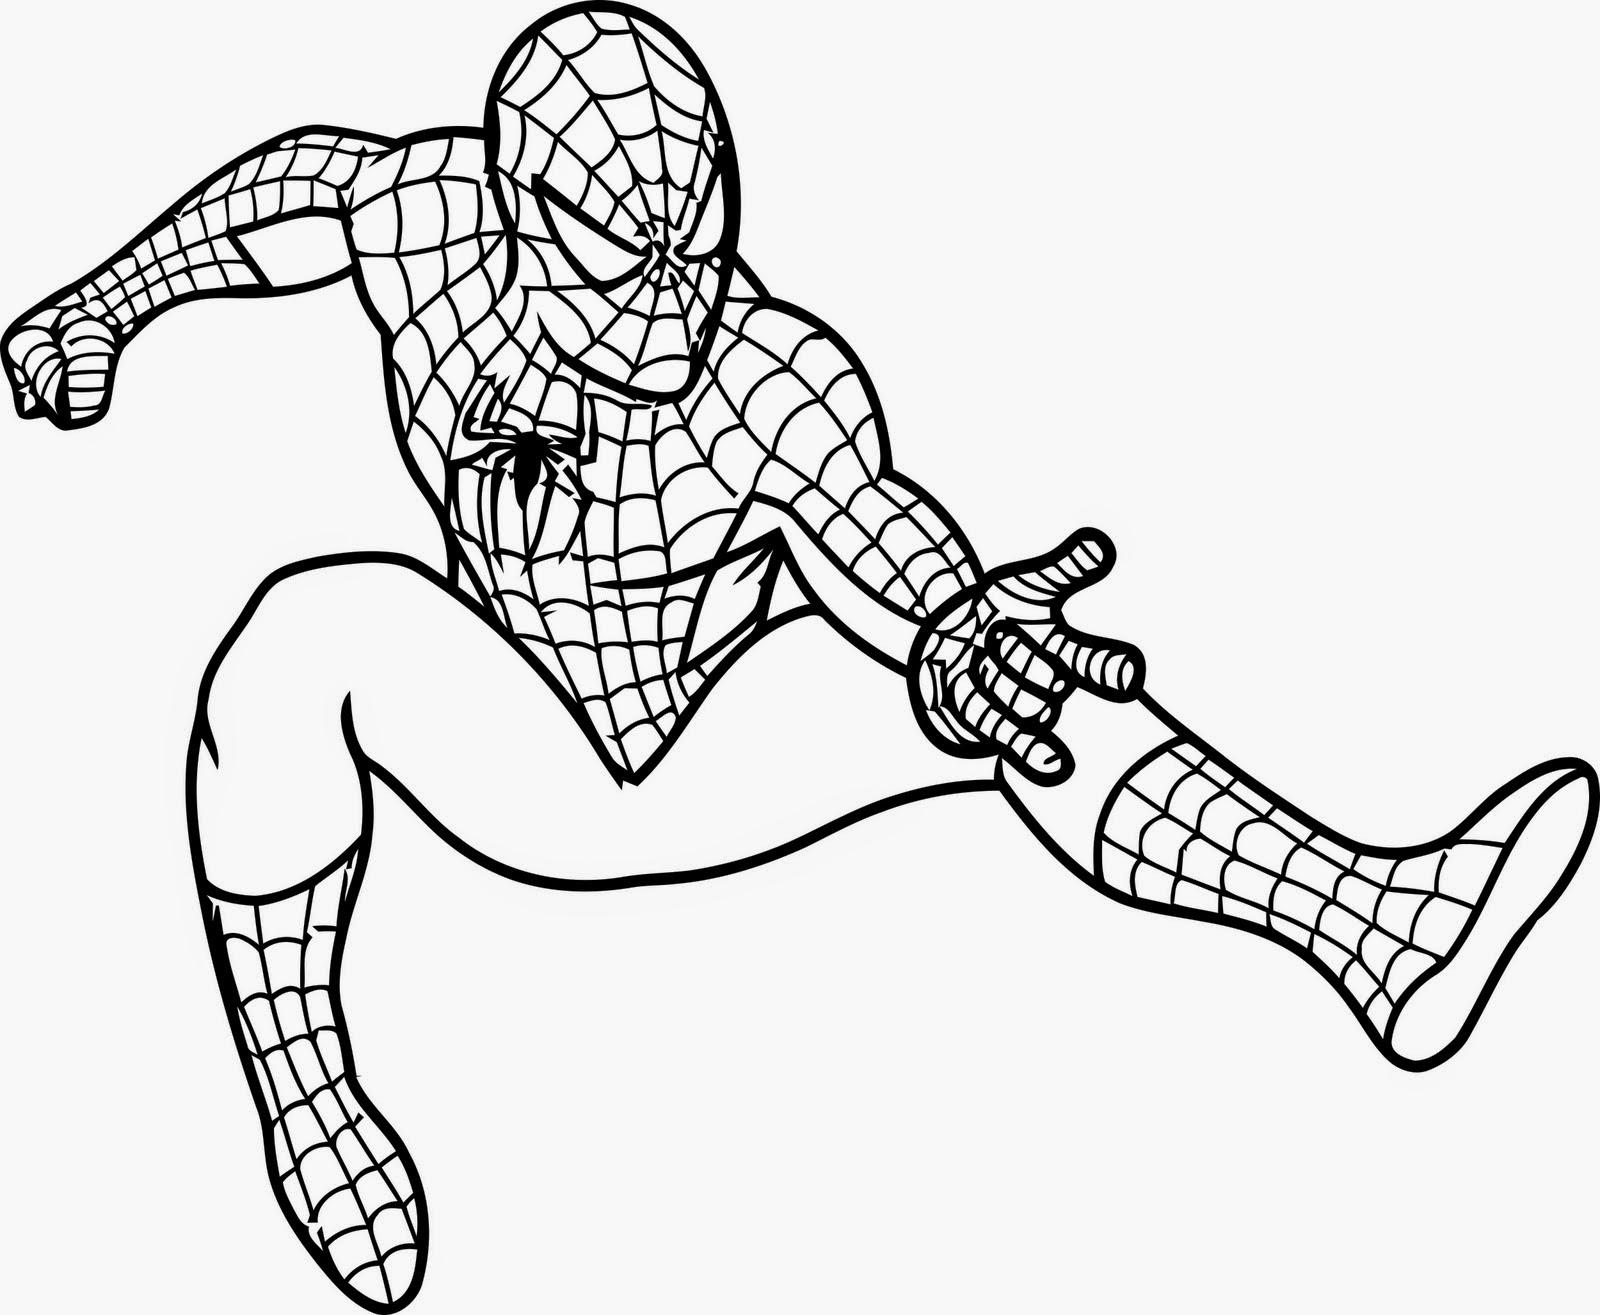 Spiderman tinggal di kota New York dengan nama asli Peter Parker berikut Mewarnai Gambar Superhero Spiderman